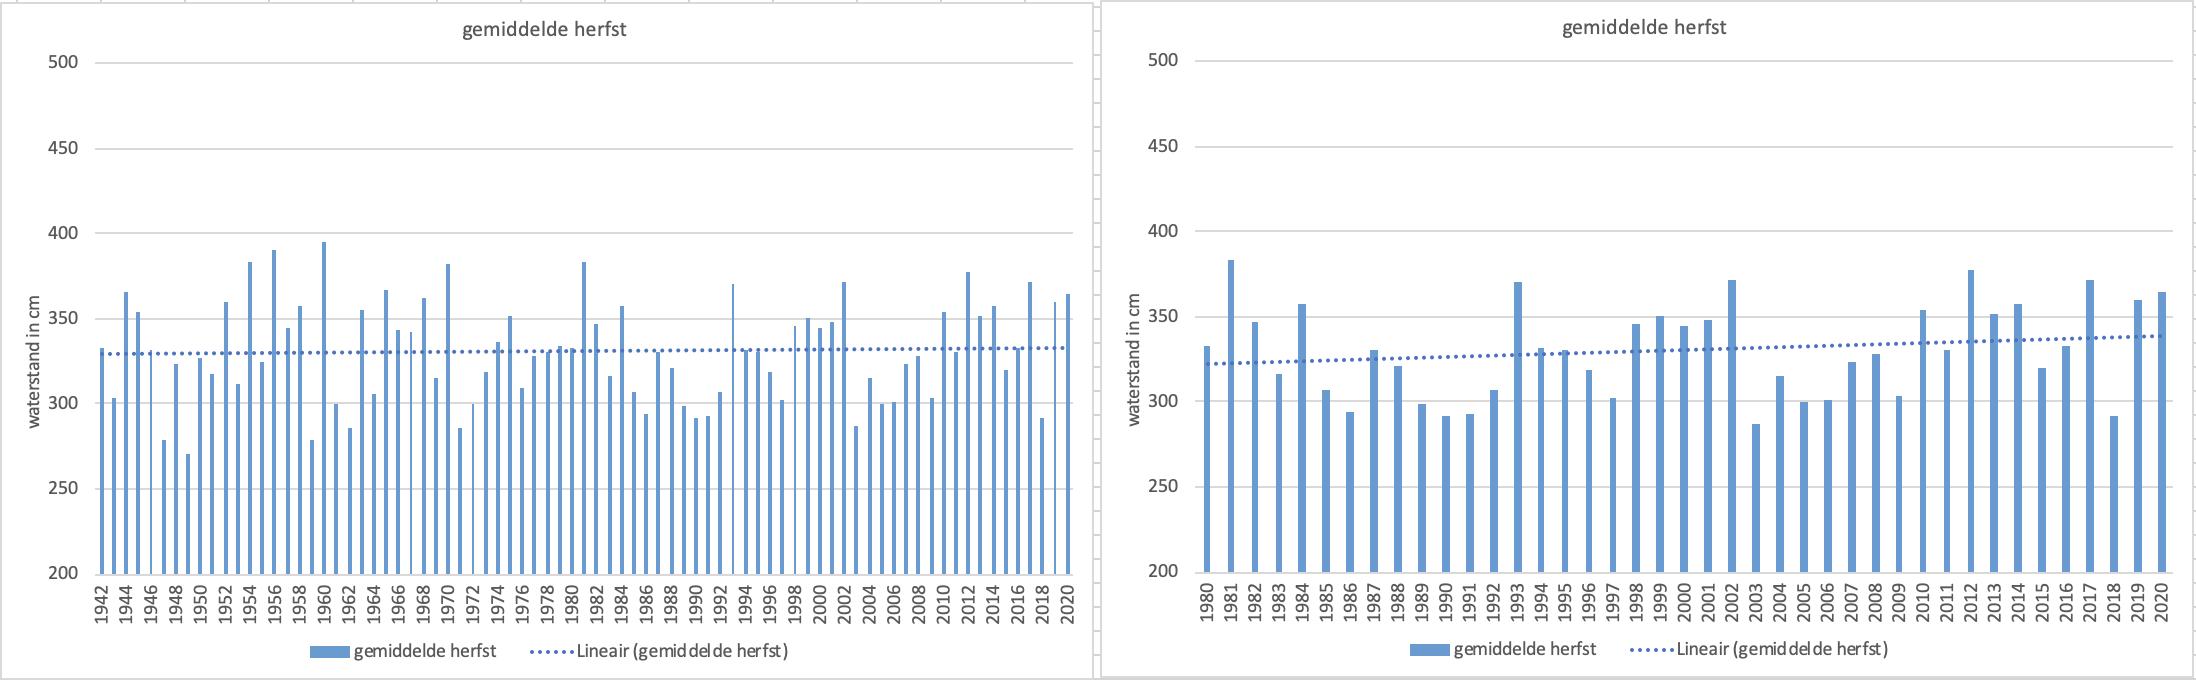 Verloop van de gemiddelde waterstand in de herfst van de Bodensee bij Konstanz en de trendlijn vanaf 1940 (links) en vanaf 1980 (rechts); in cm boven het daar geldende nulpunt.